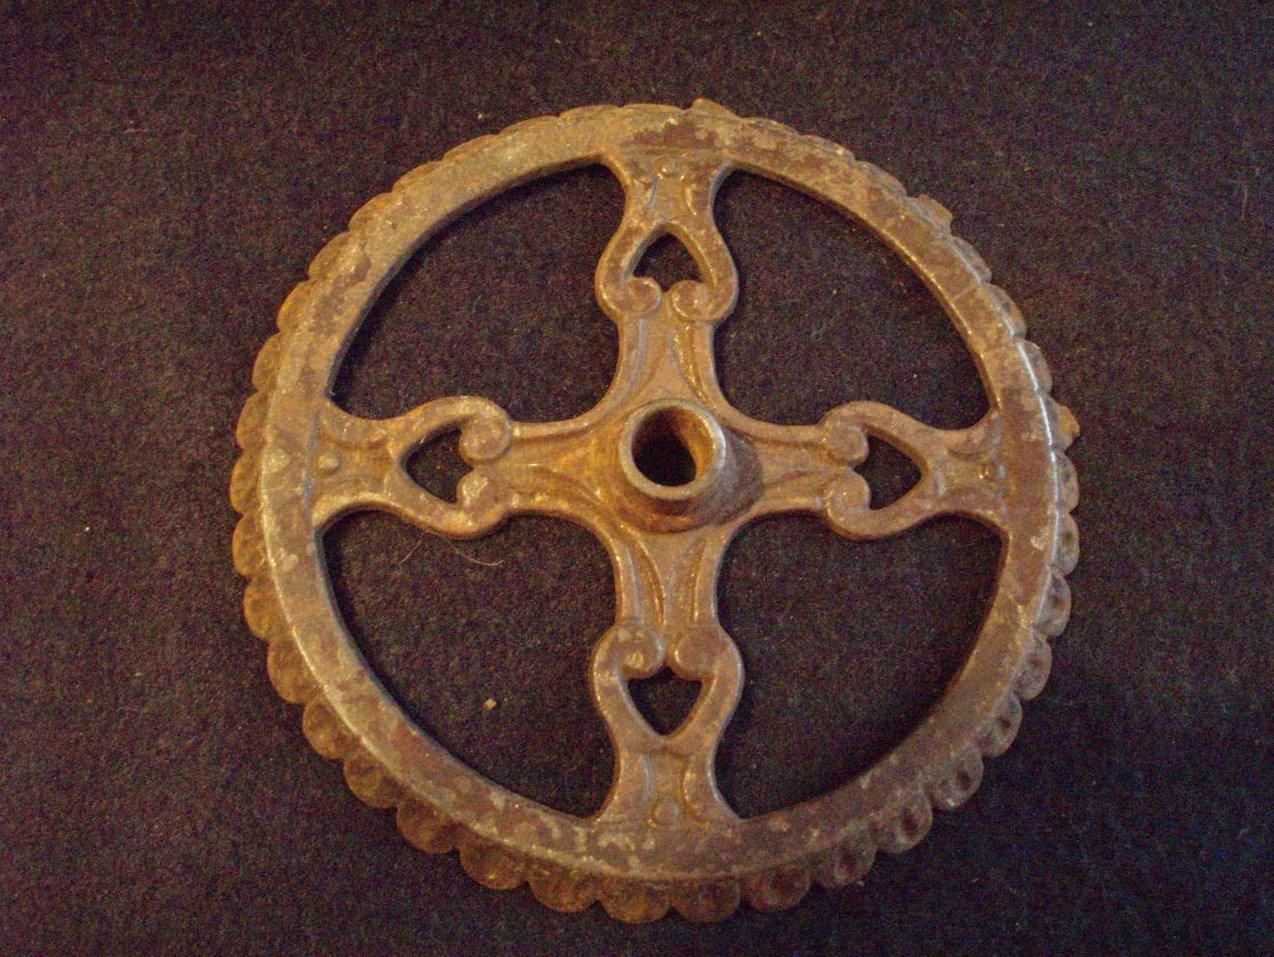 Antique oil lamp font basket wall mount hardware